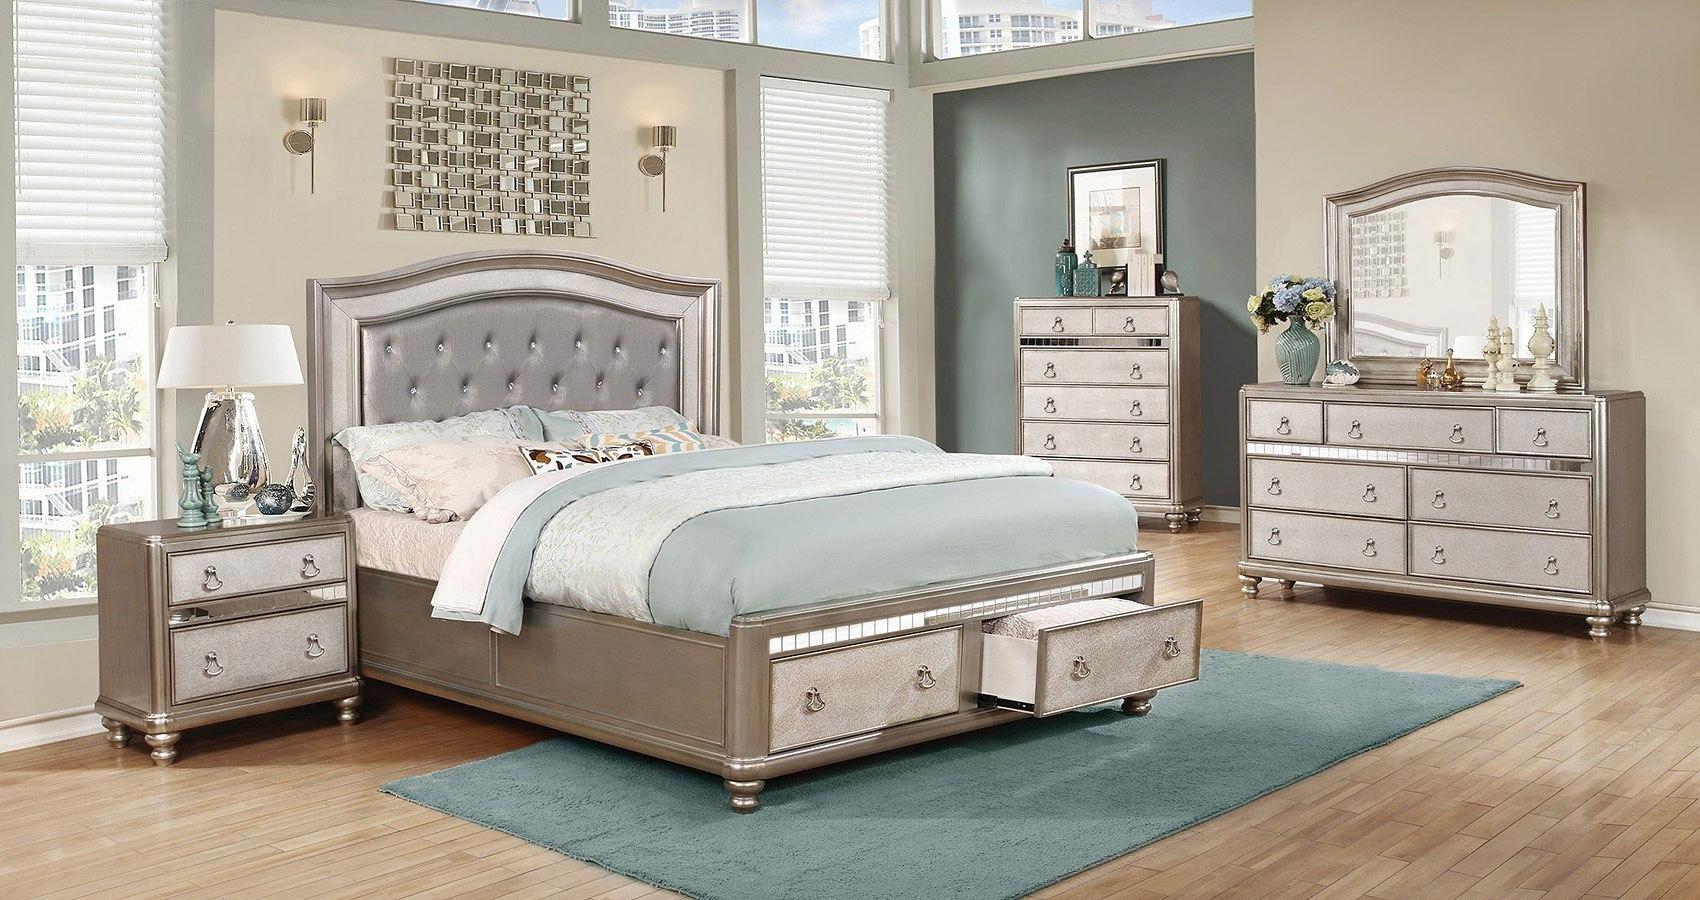 Bling Game Storage Bedroom Set Coaster Furniture